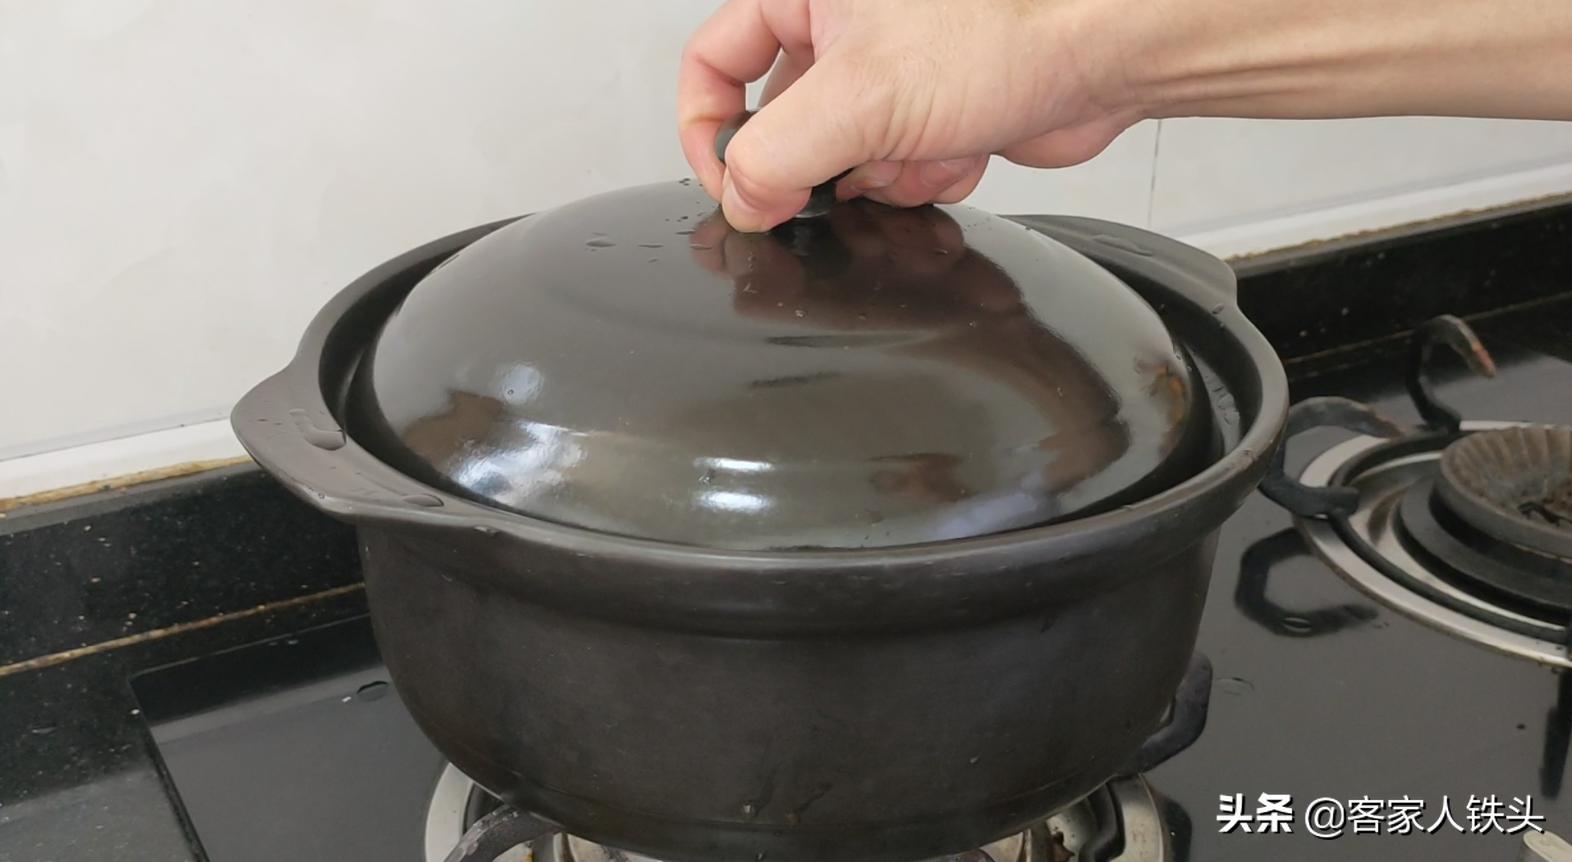 立冬後喝什麼湯好? 廣東人愛煲這一鍋,詳細配料做法,營養又好喝